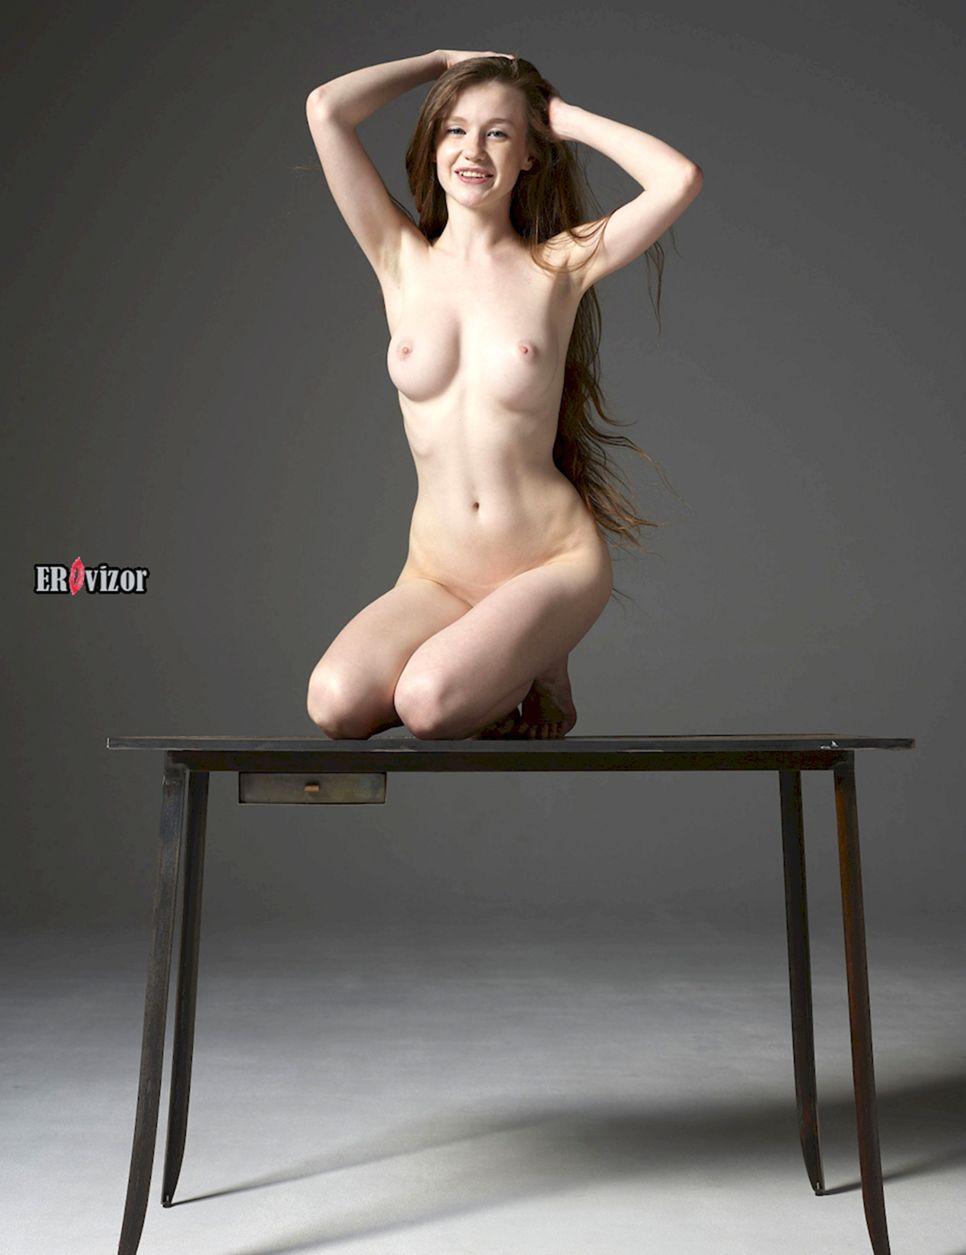 голая девушка с поднятыми вверх руками